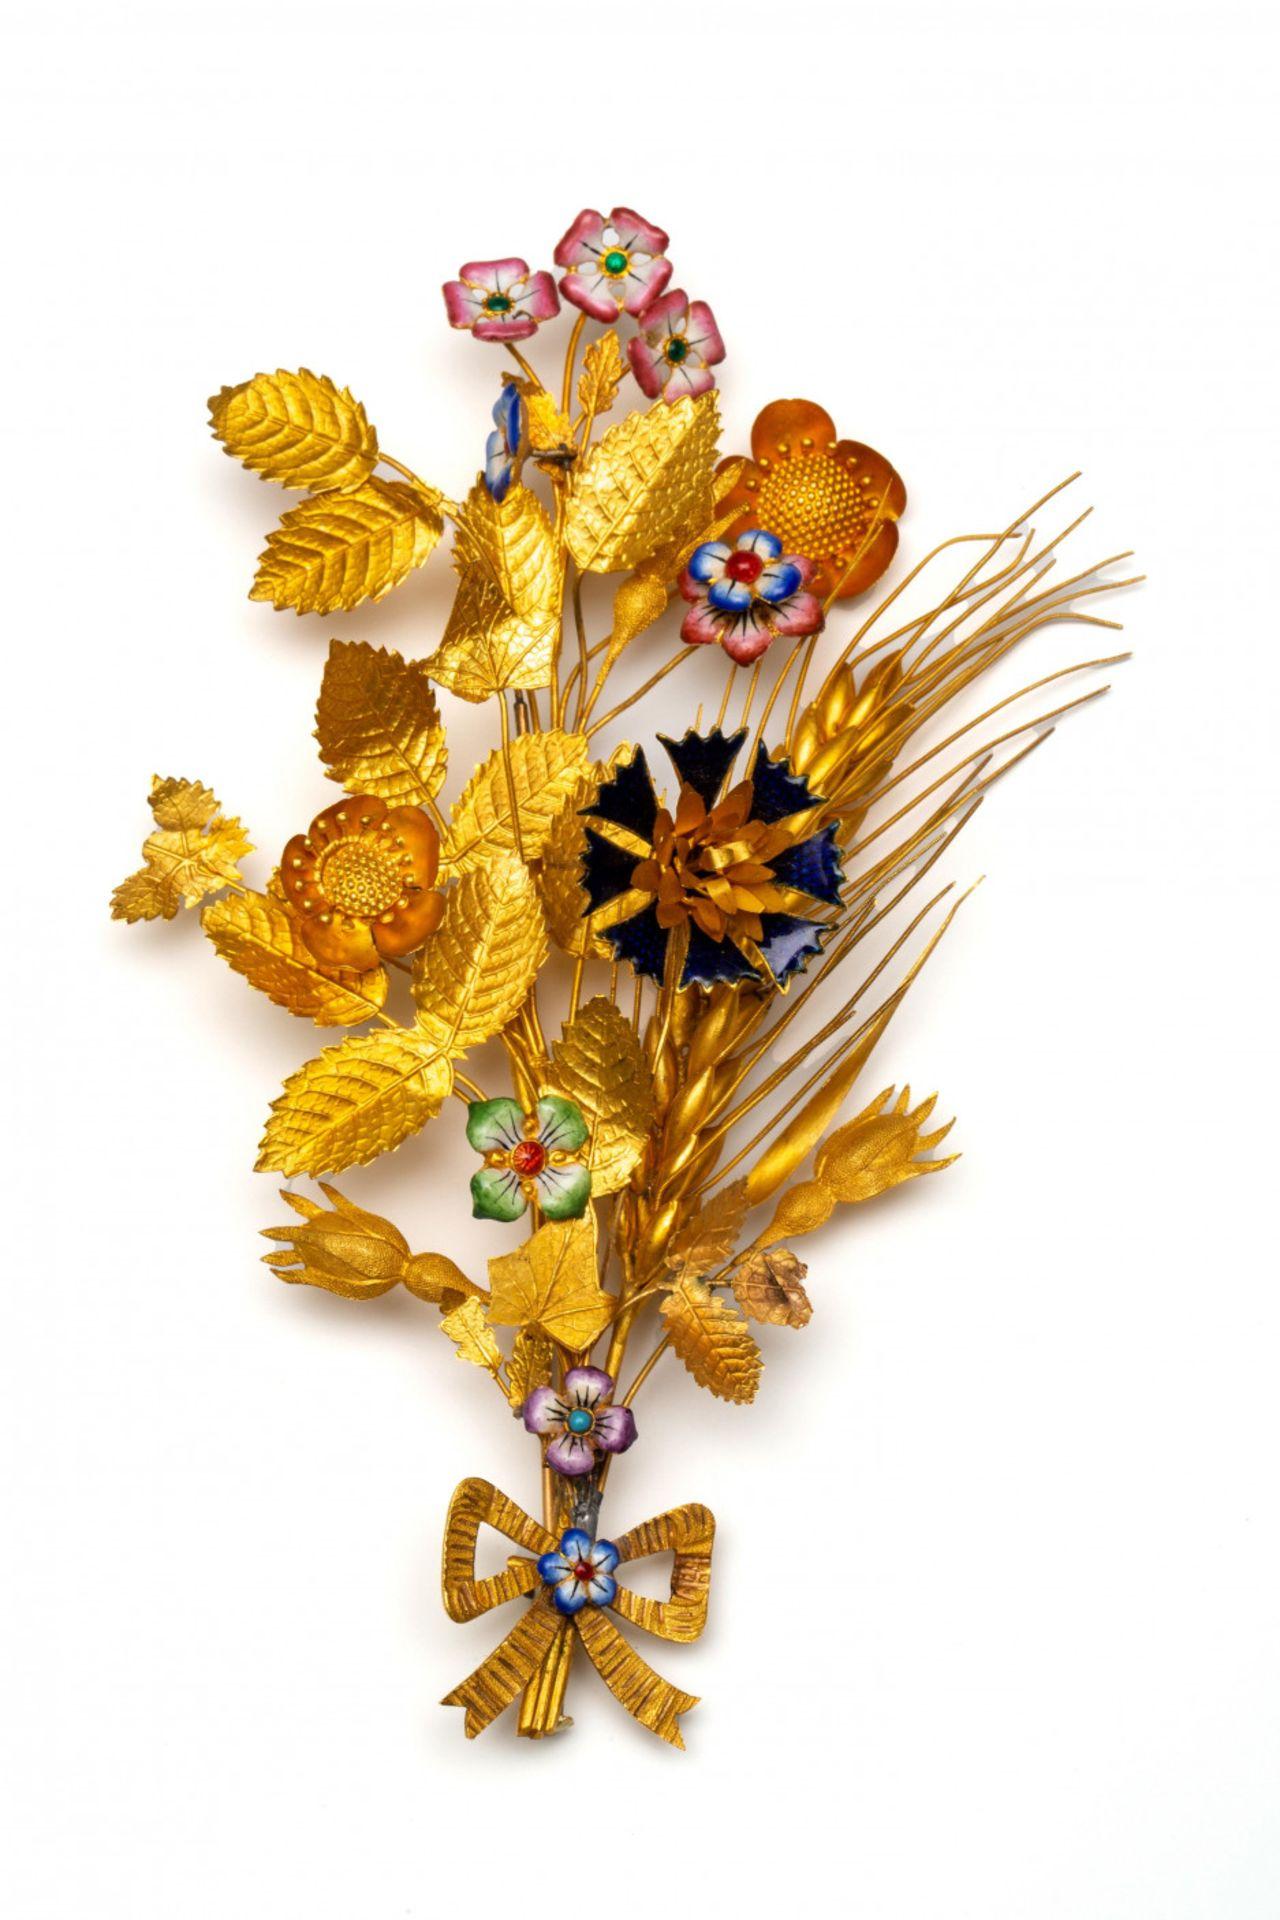 14krt. Gouden corsage broche, 19e eeuw, - Image 2 of 3